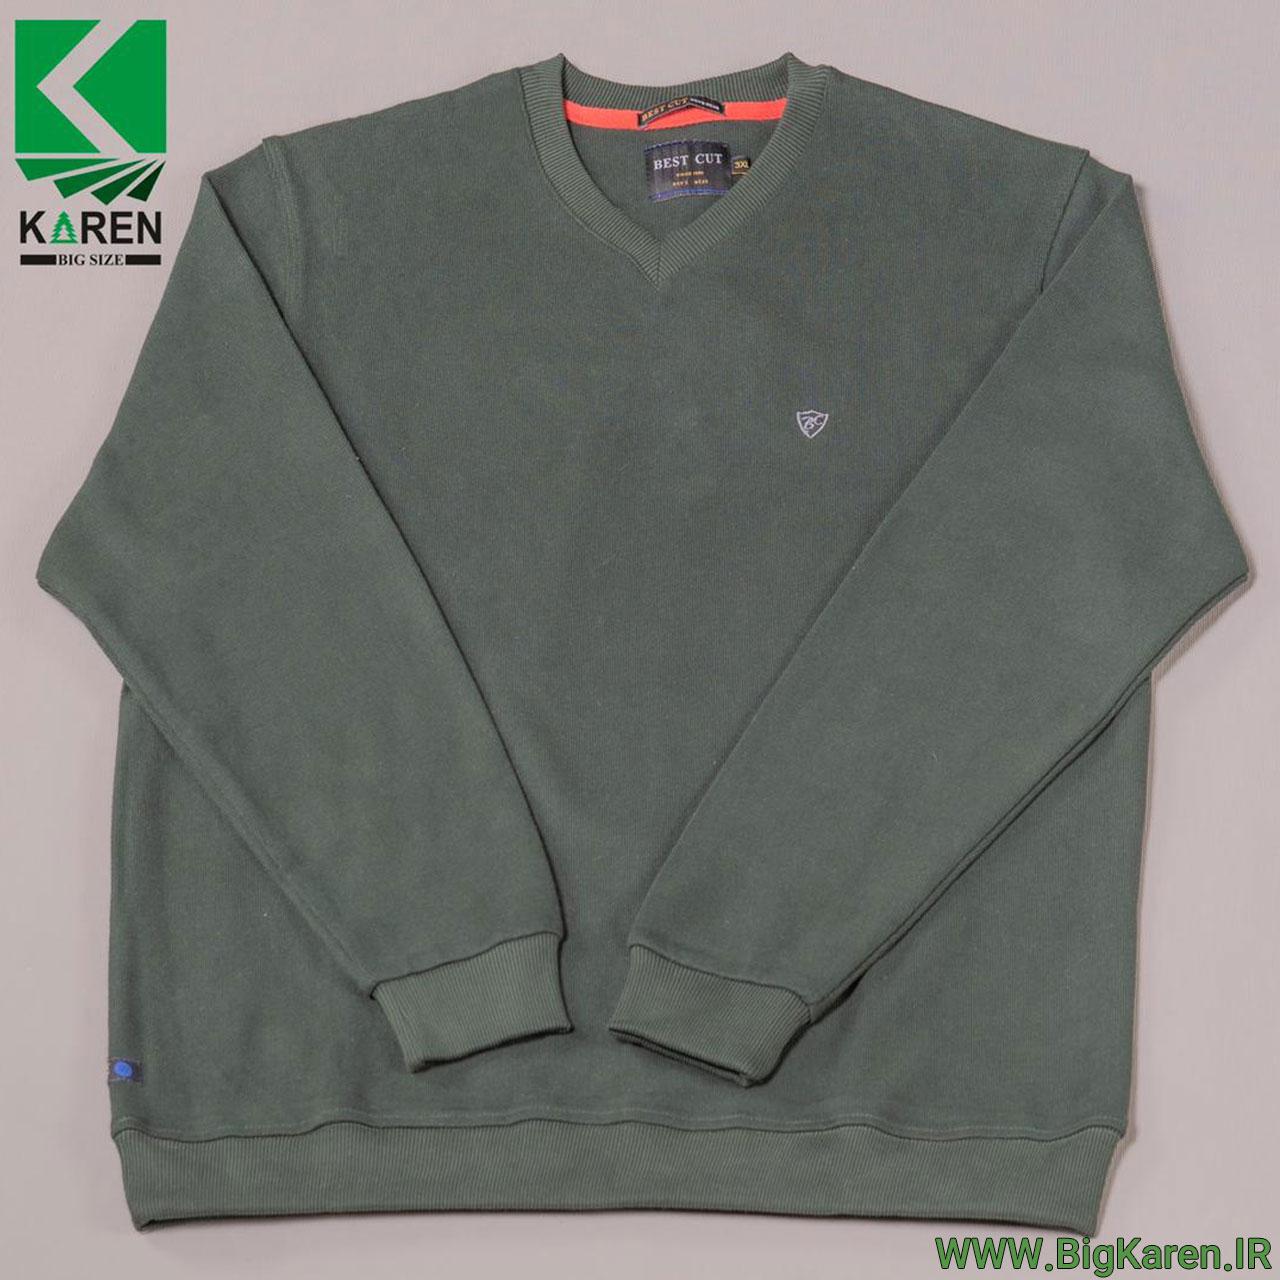 بلوز سایز بزرگ سلانیک یقه هفت مردانه رنگ سبز خرید آنلاین با ارسال رایگان